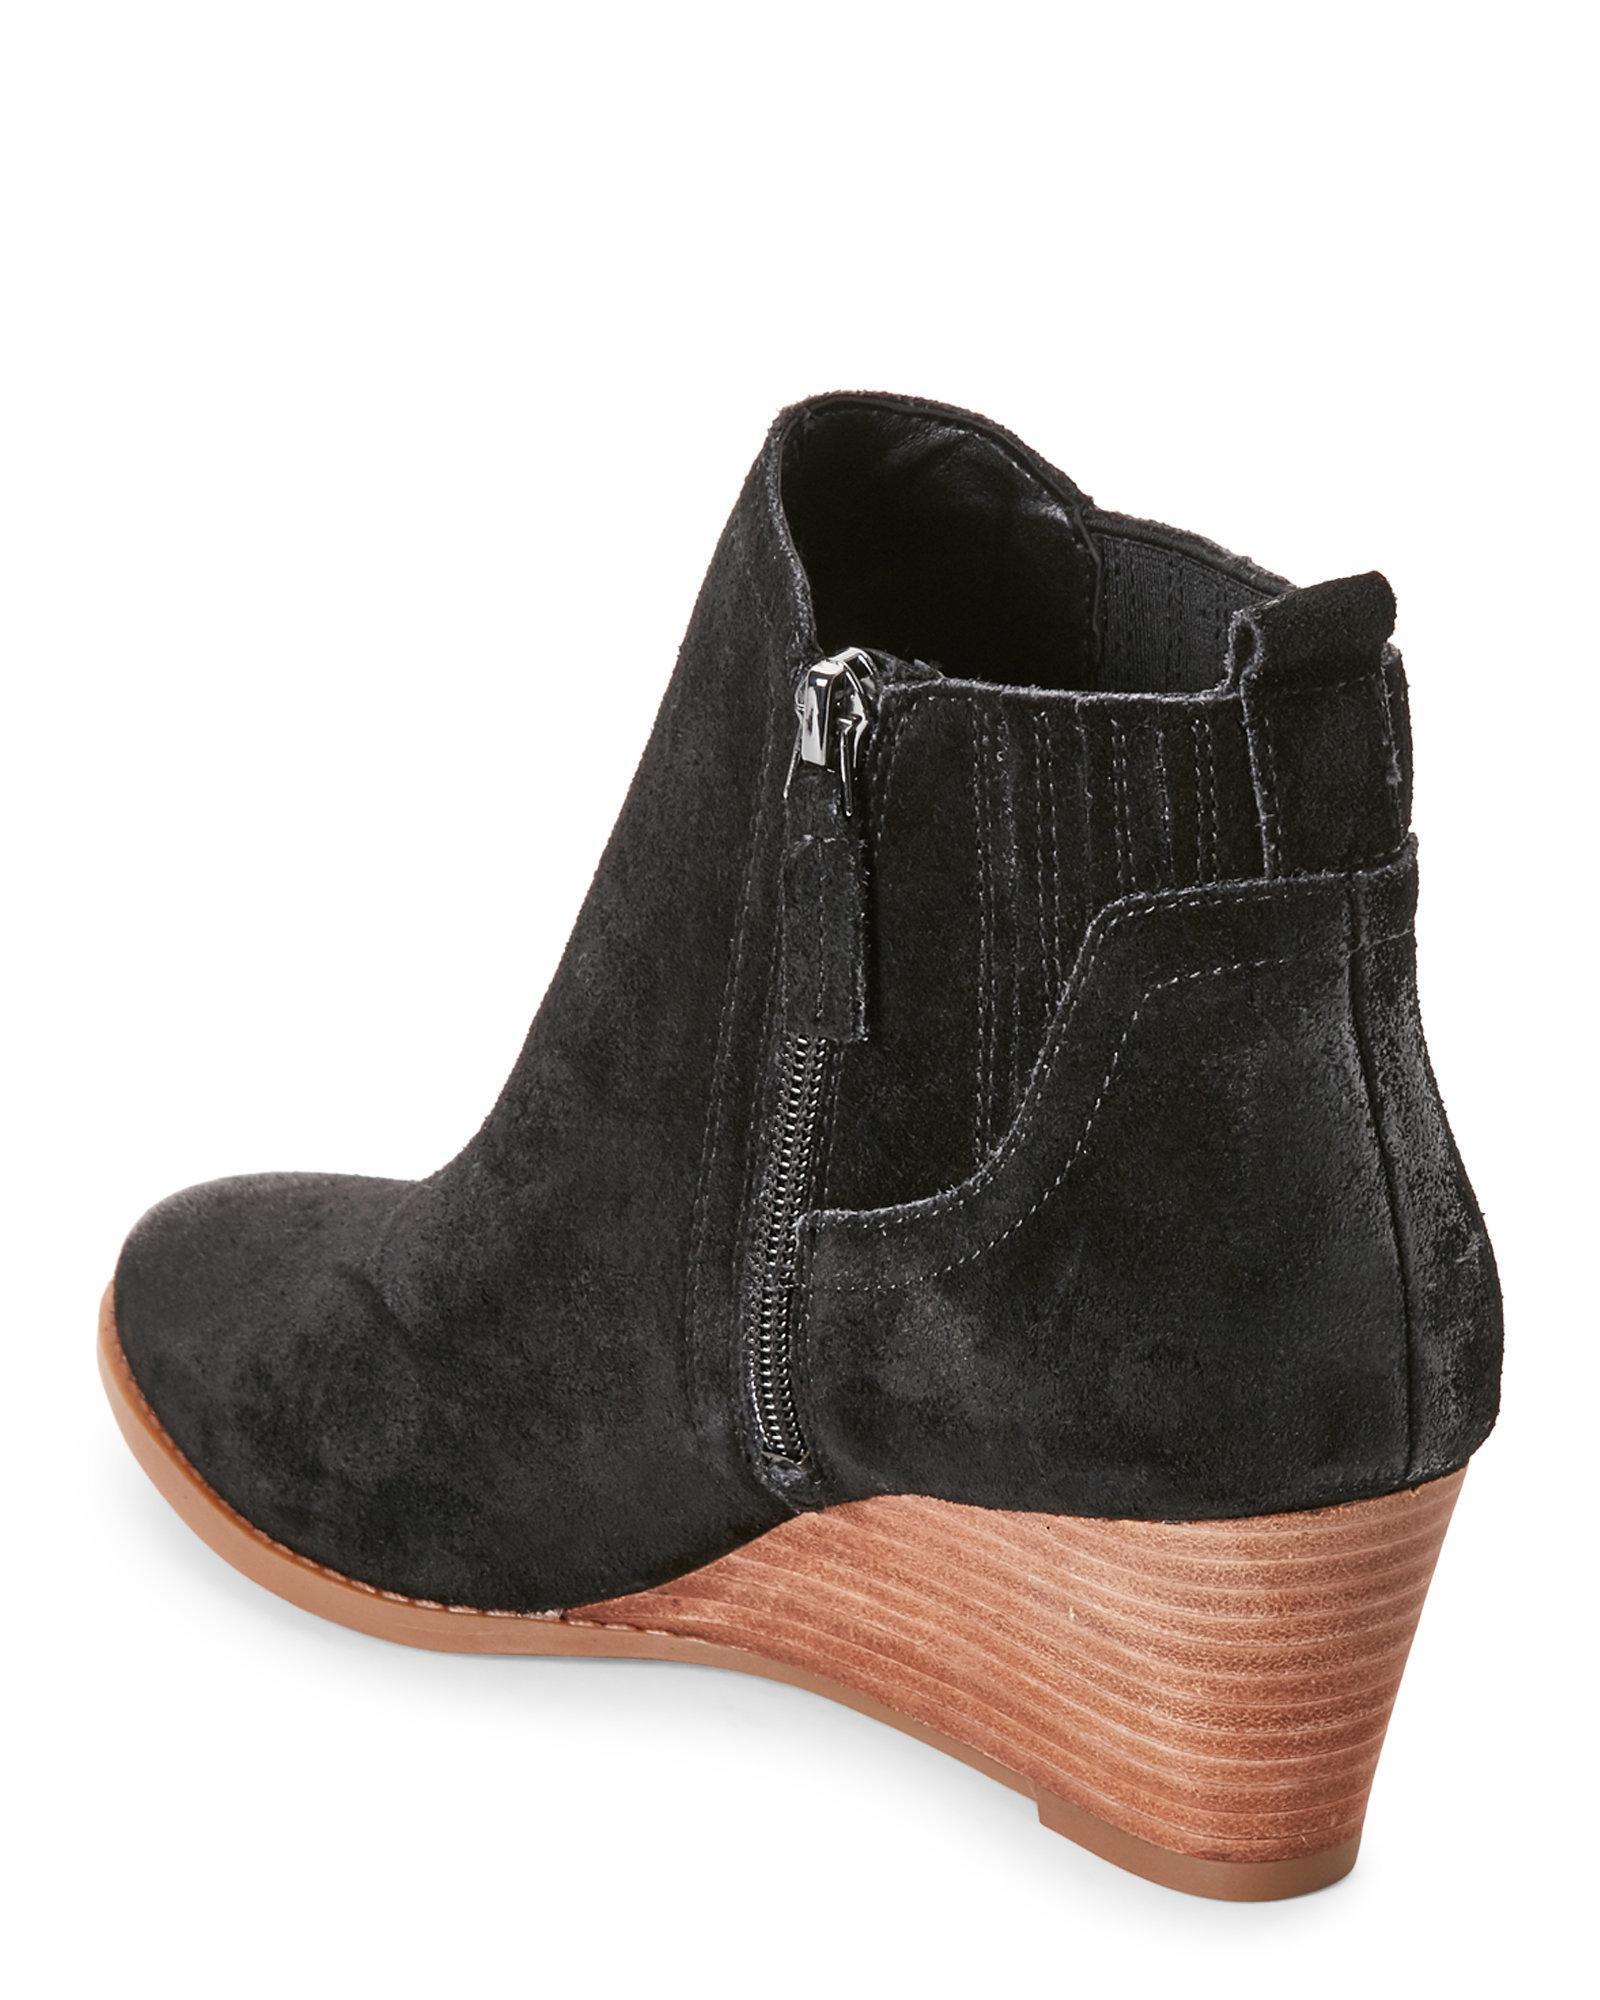 4237677ef2c Lyst - Franco Sarto Black Wayra Wedge Ankle Booties in Black